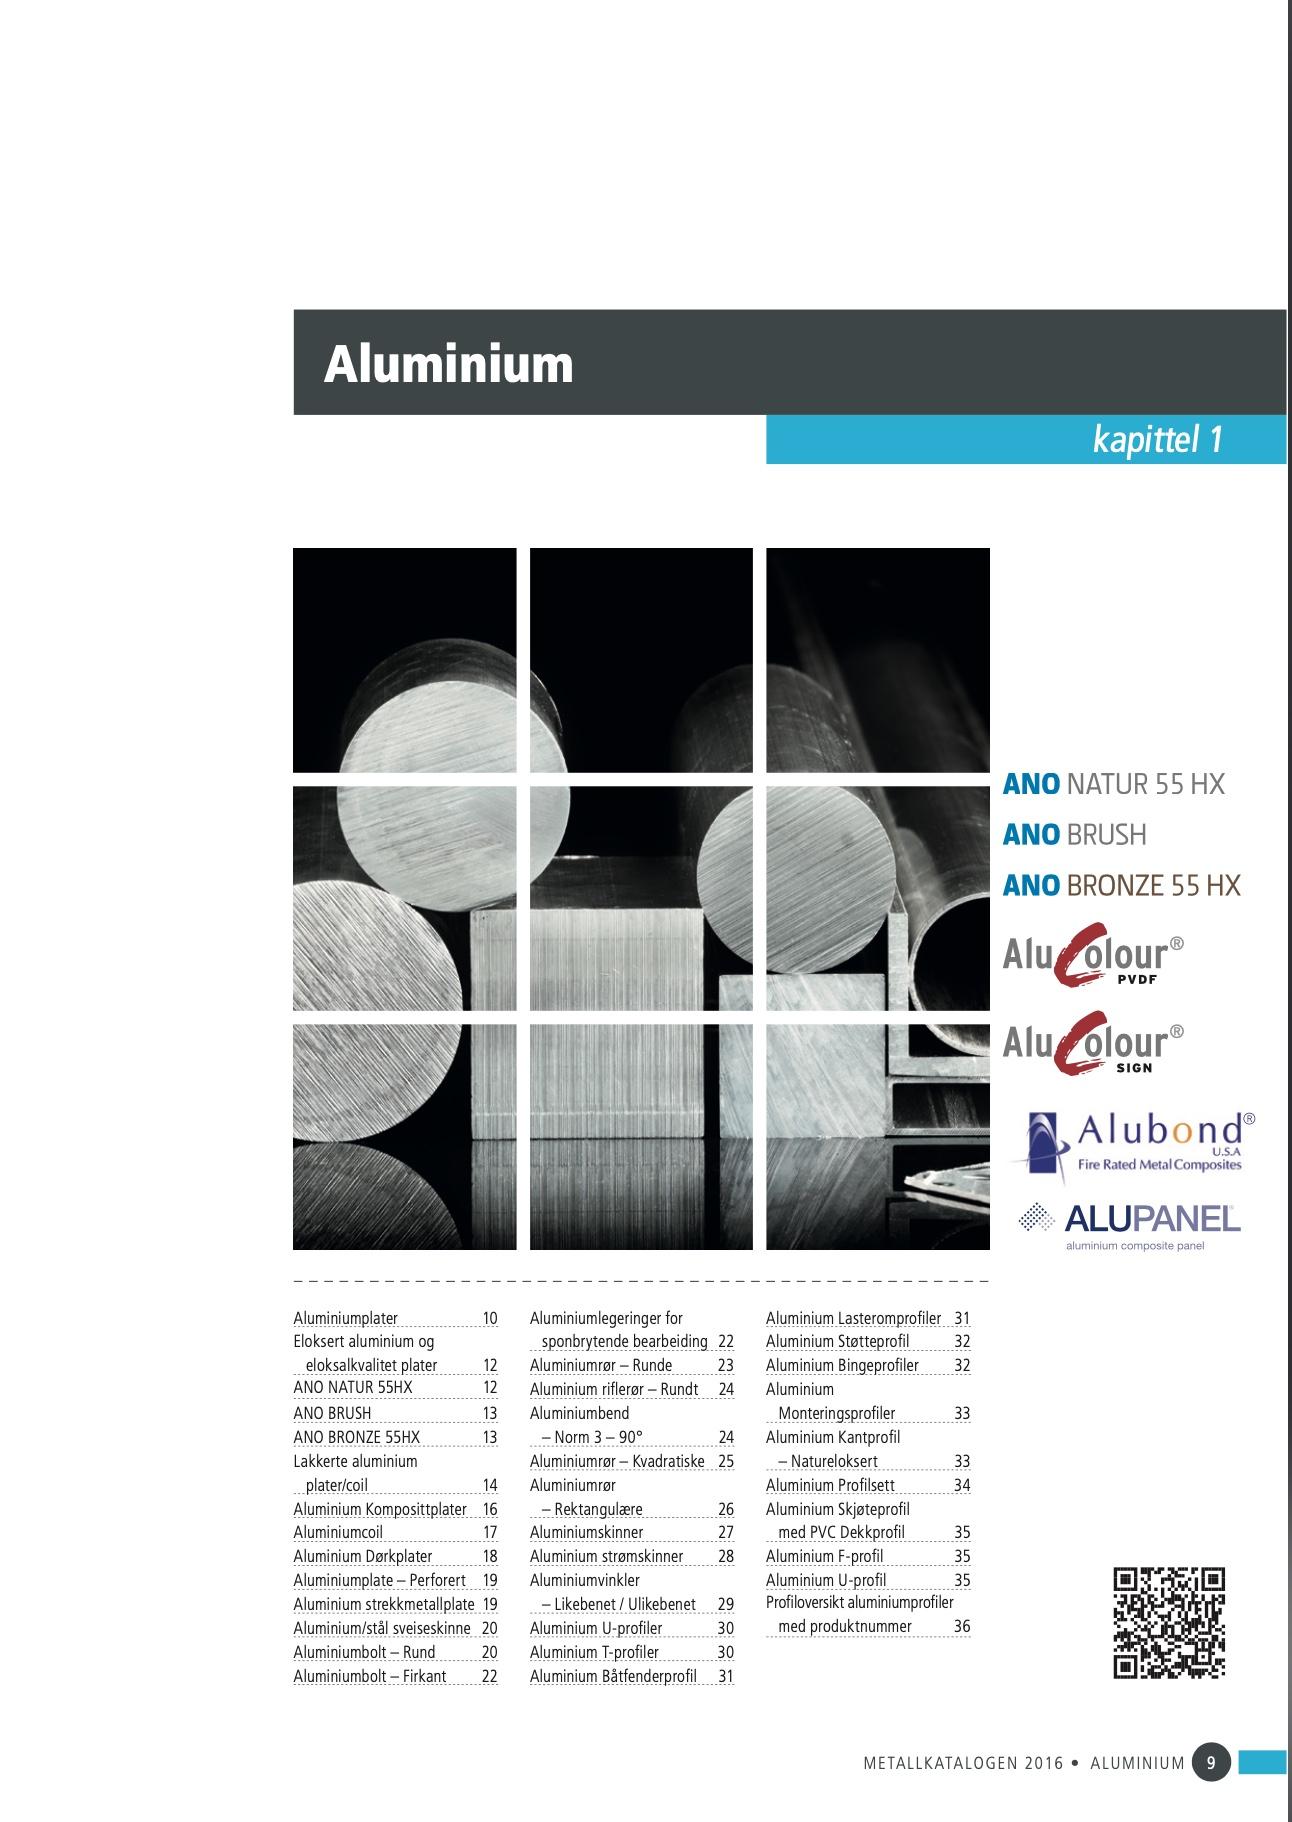 01 Aluminium